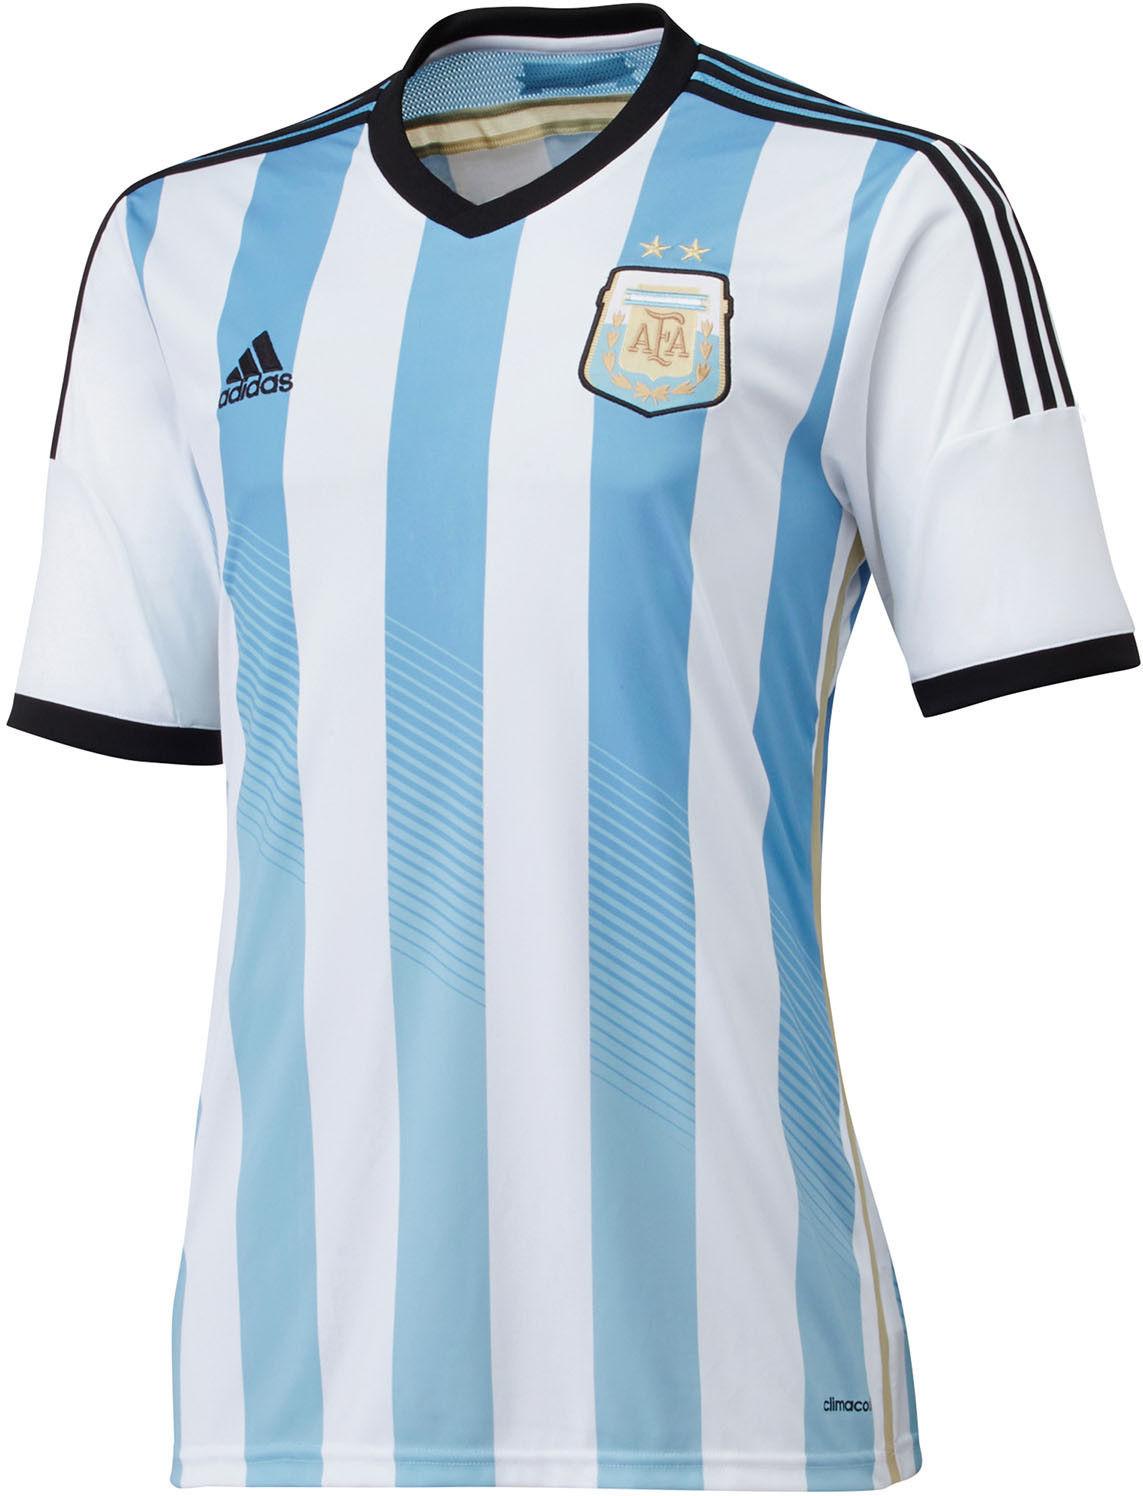 2014世界杯各国家队队服 包括阿根廷 荷兰 意大利